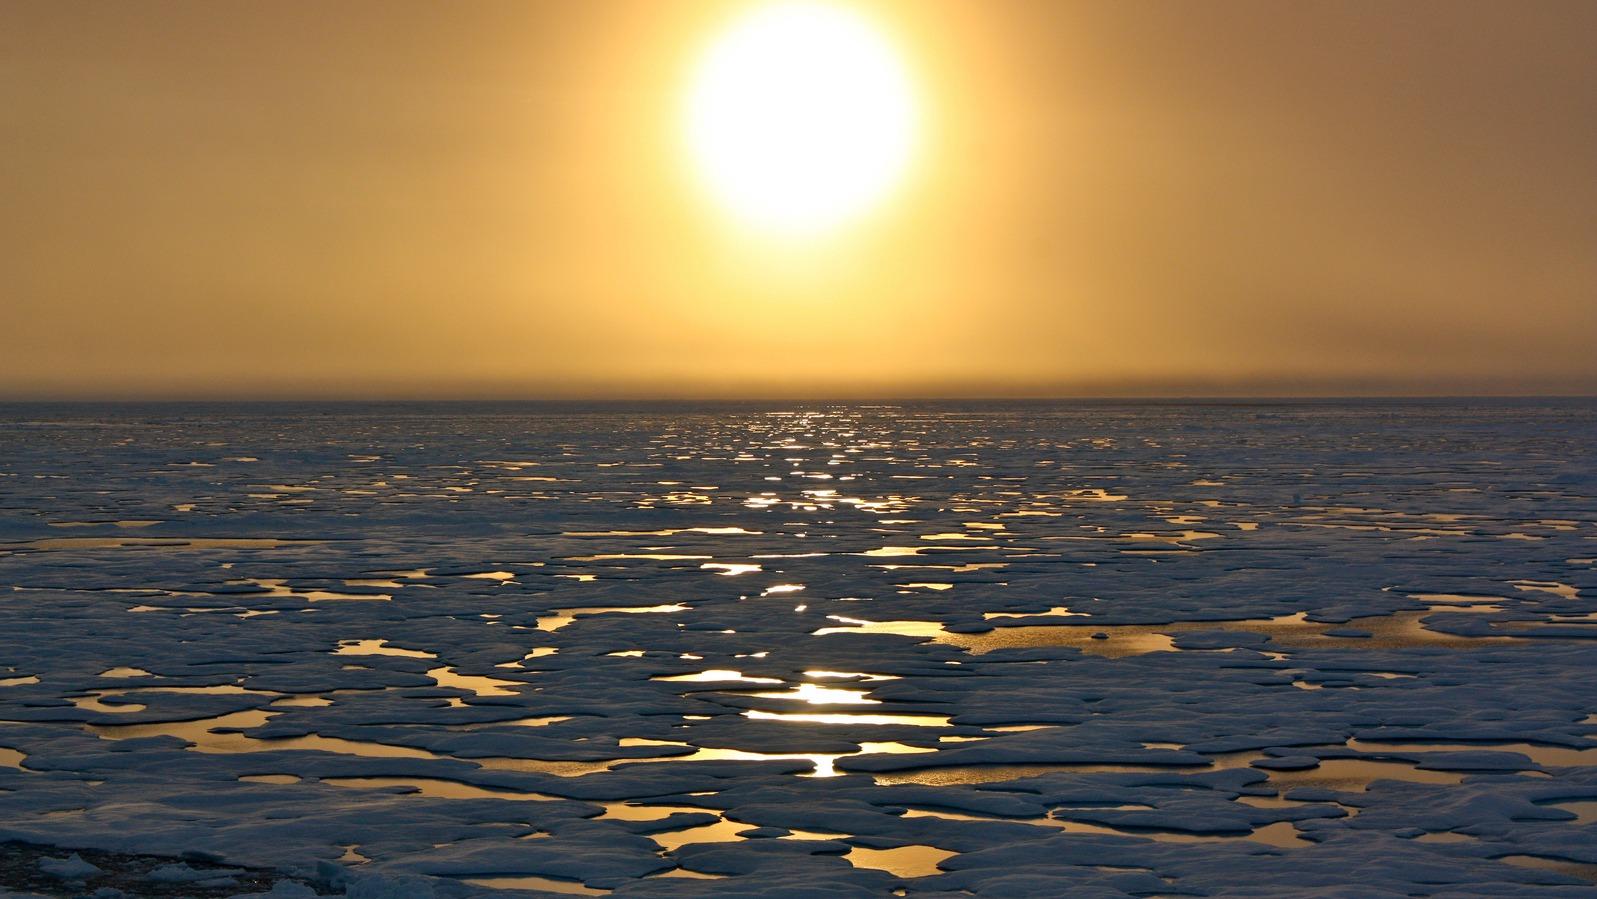 Chochki Sea